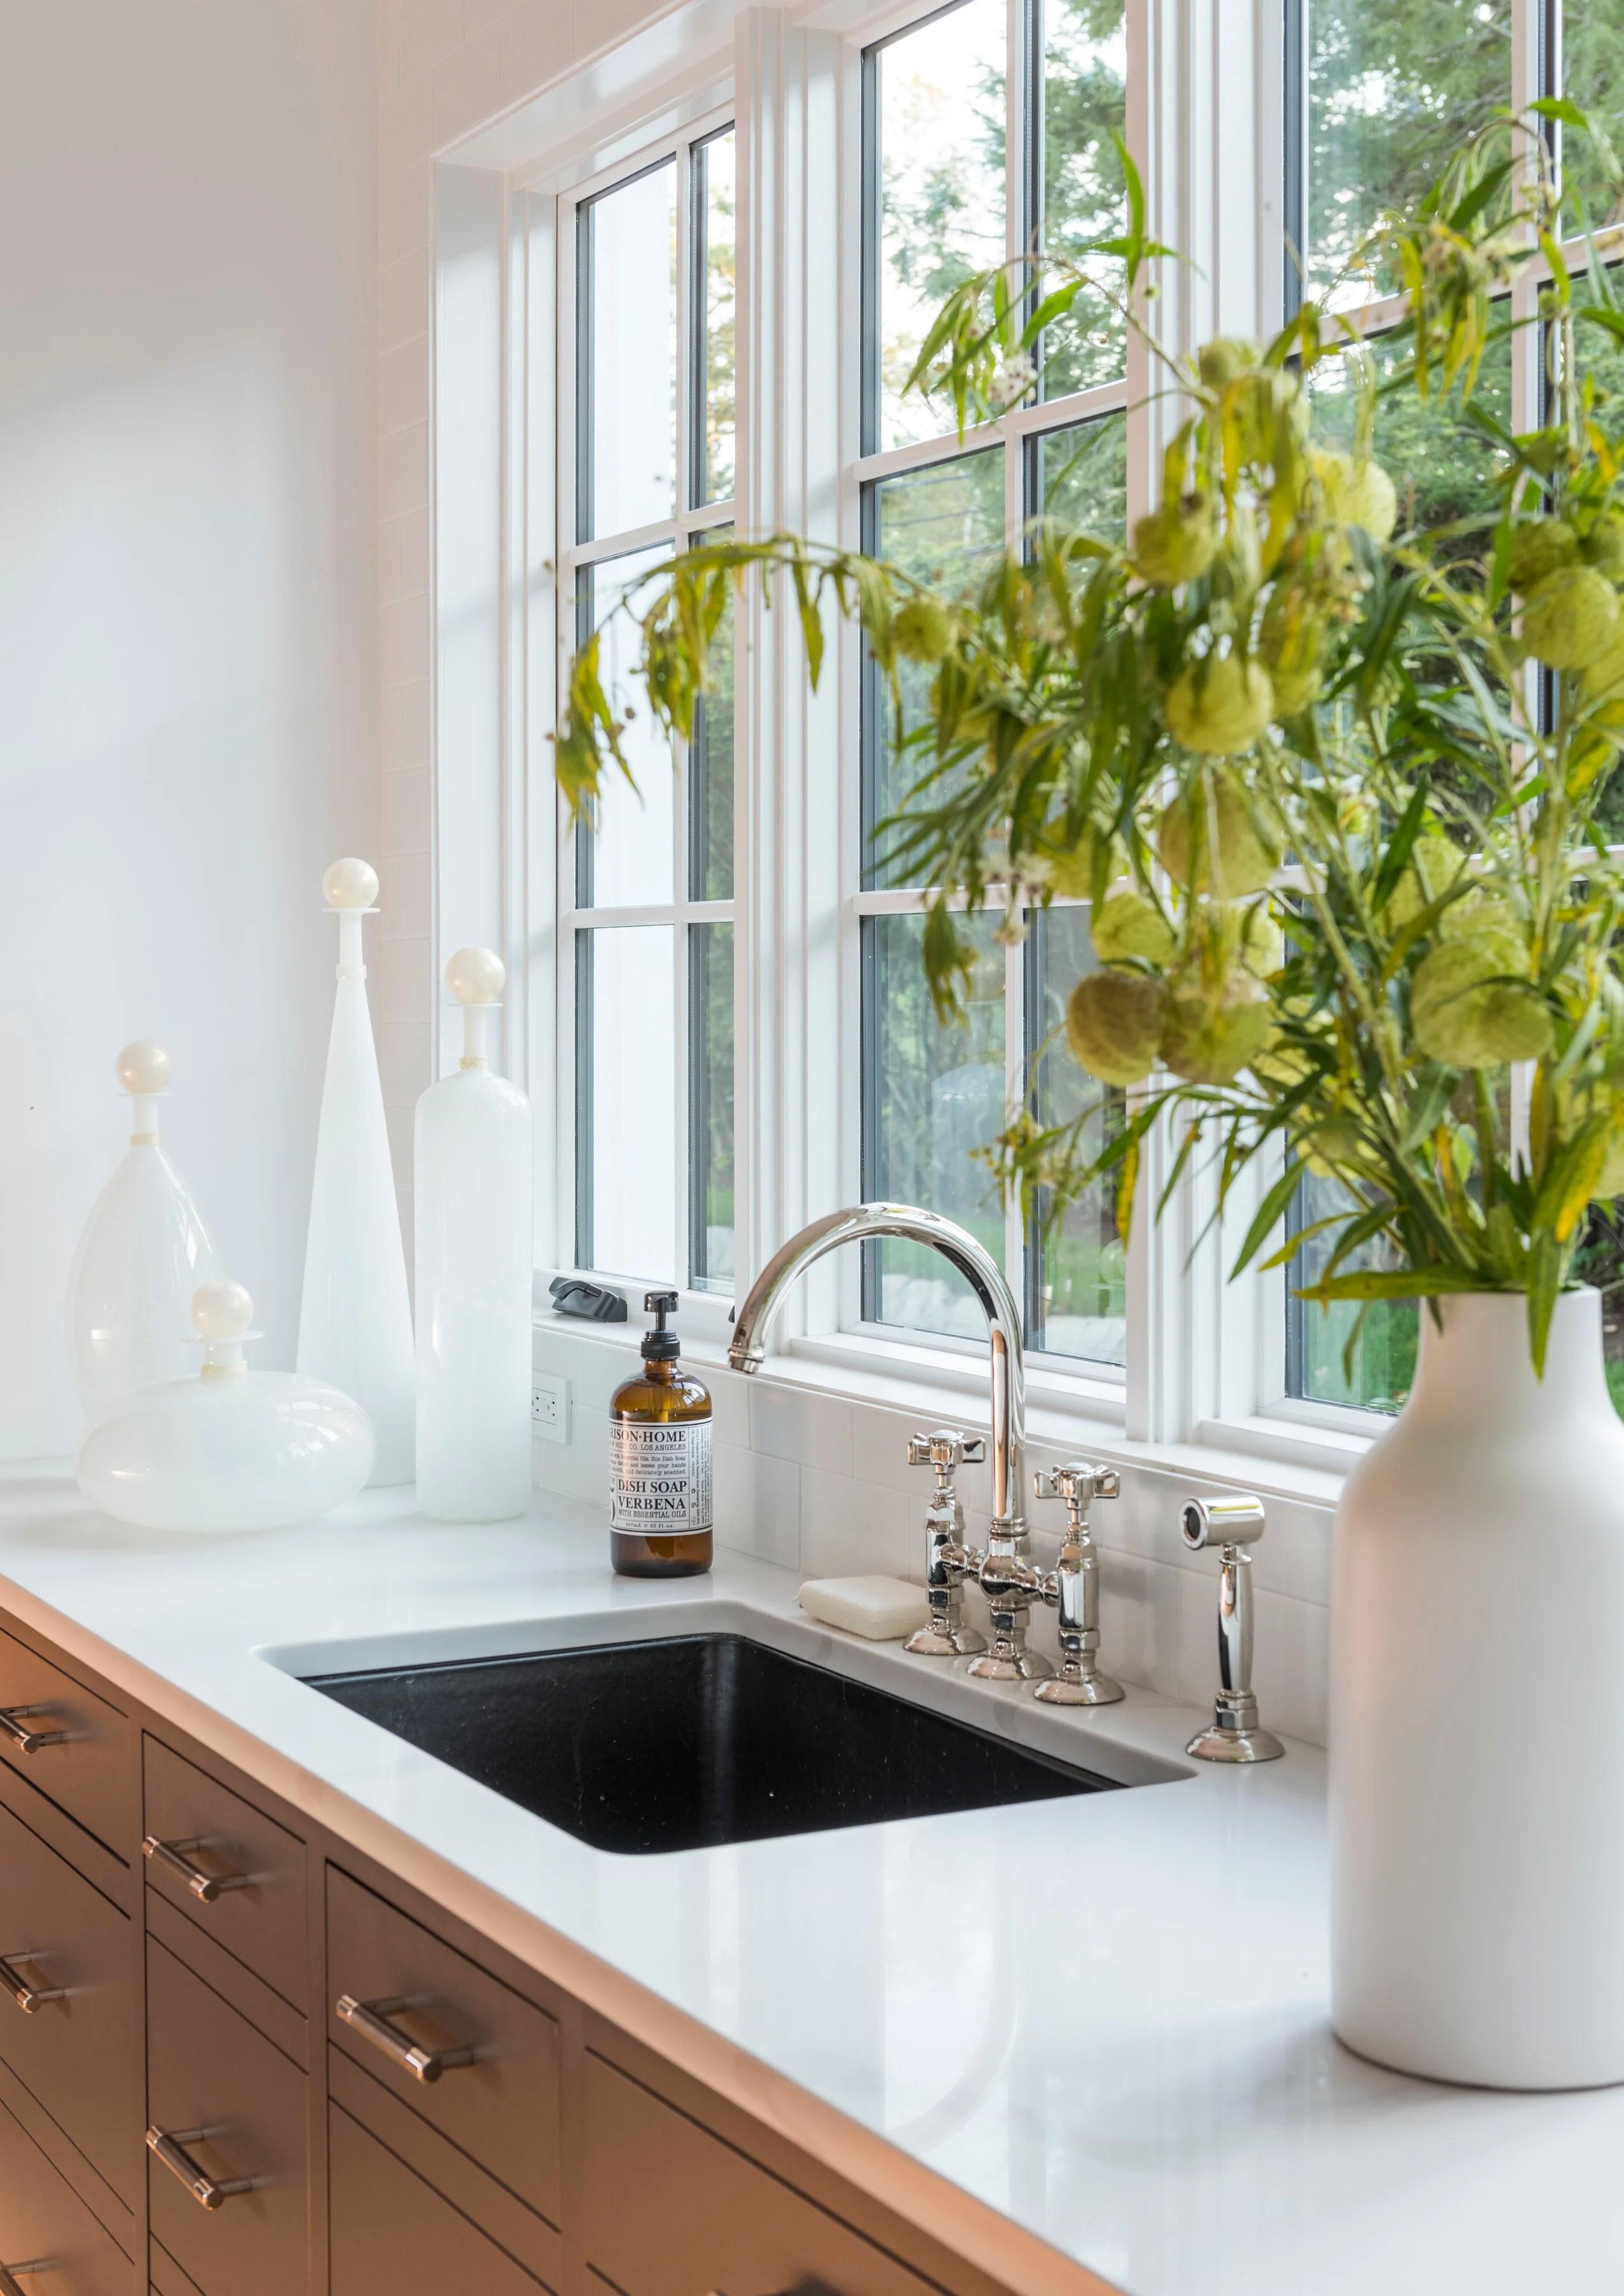 san julio bridge kitchen faucet with side spray